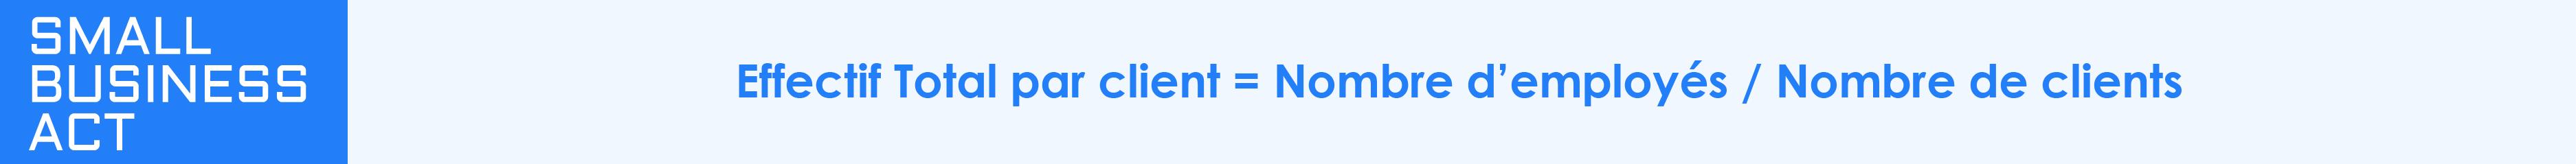 Calcul de l'effectif total par client